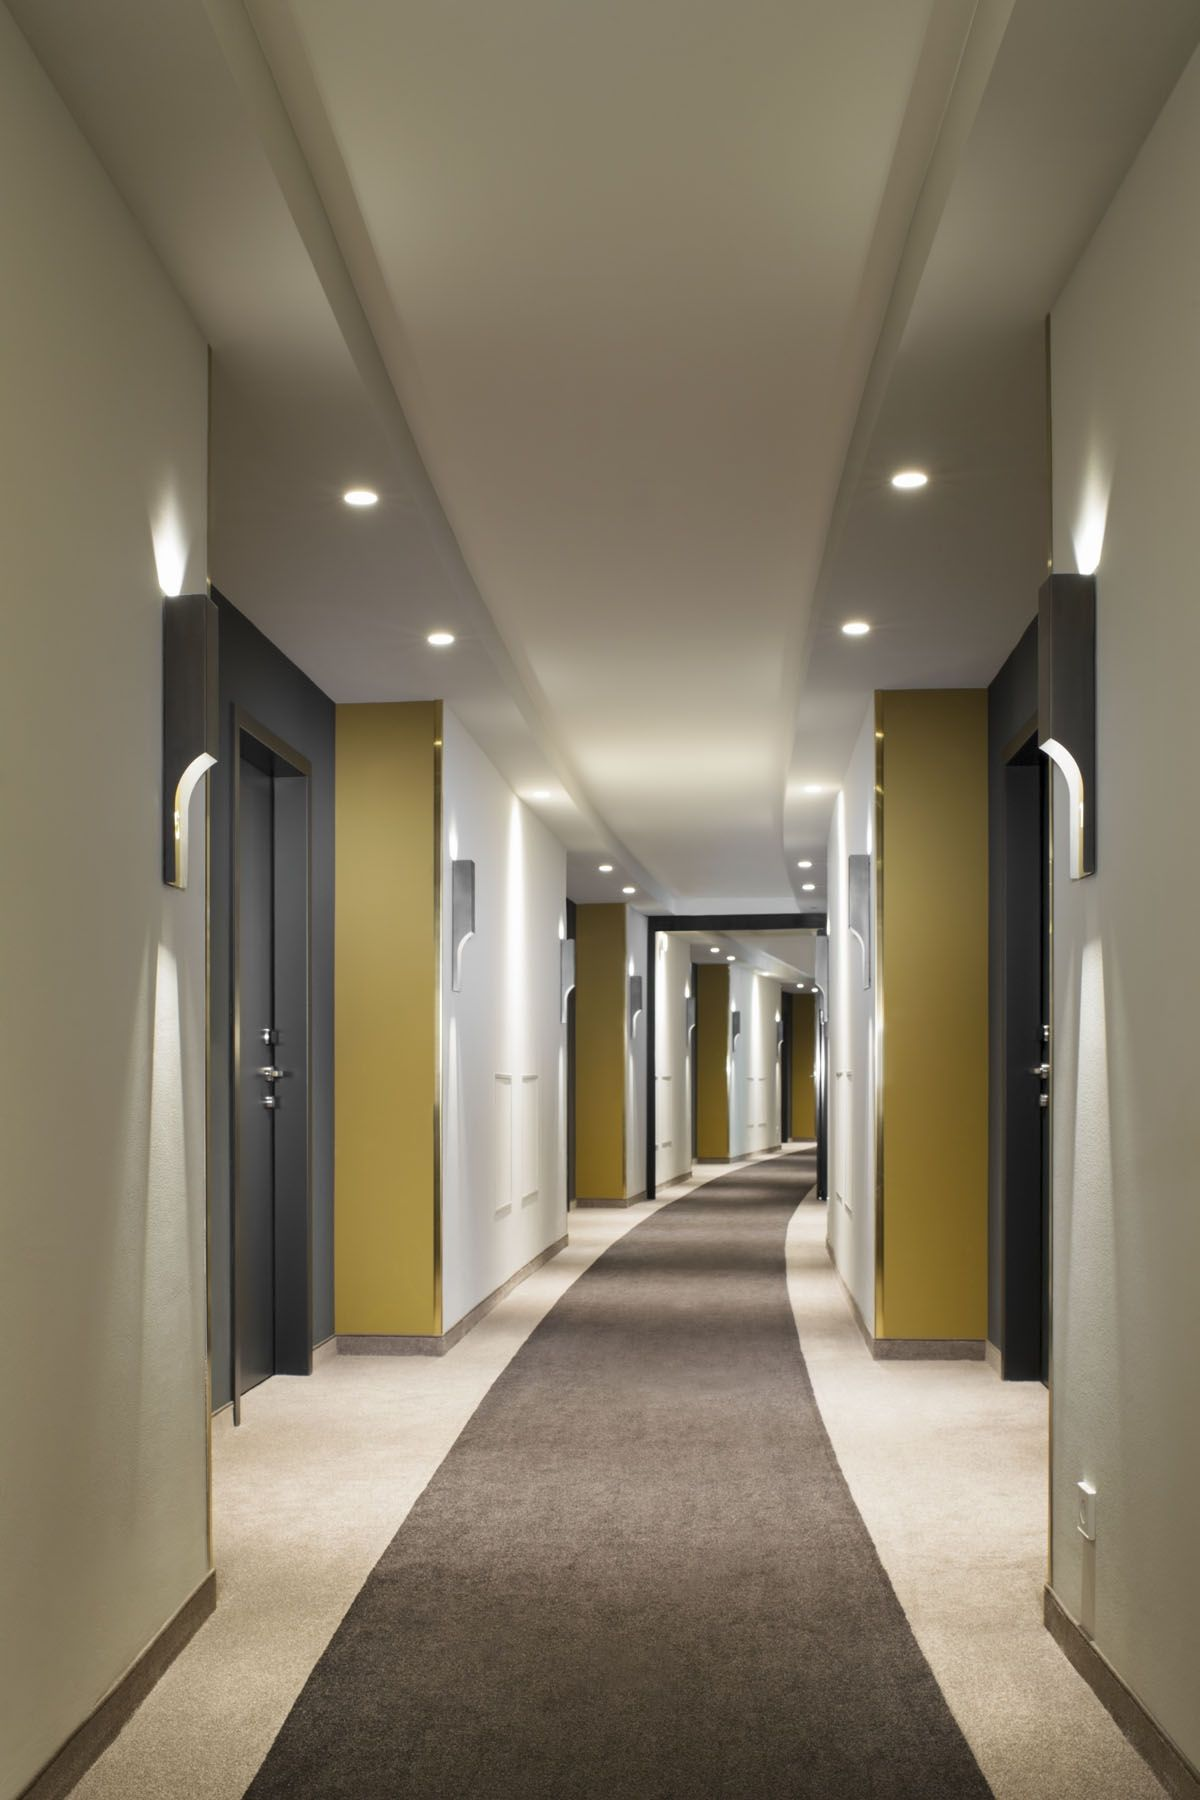 Projekt hotel mercure heilbronn competitionline for Design hotel sauerland am kurhaus 6 8